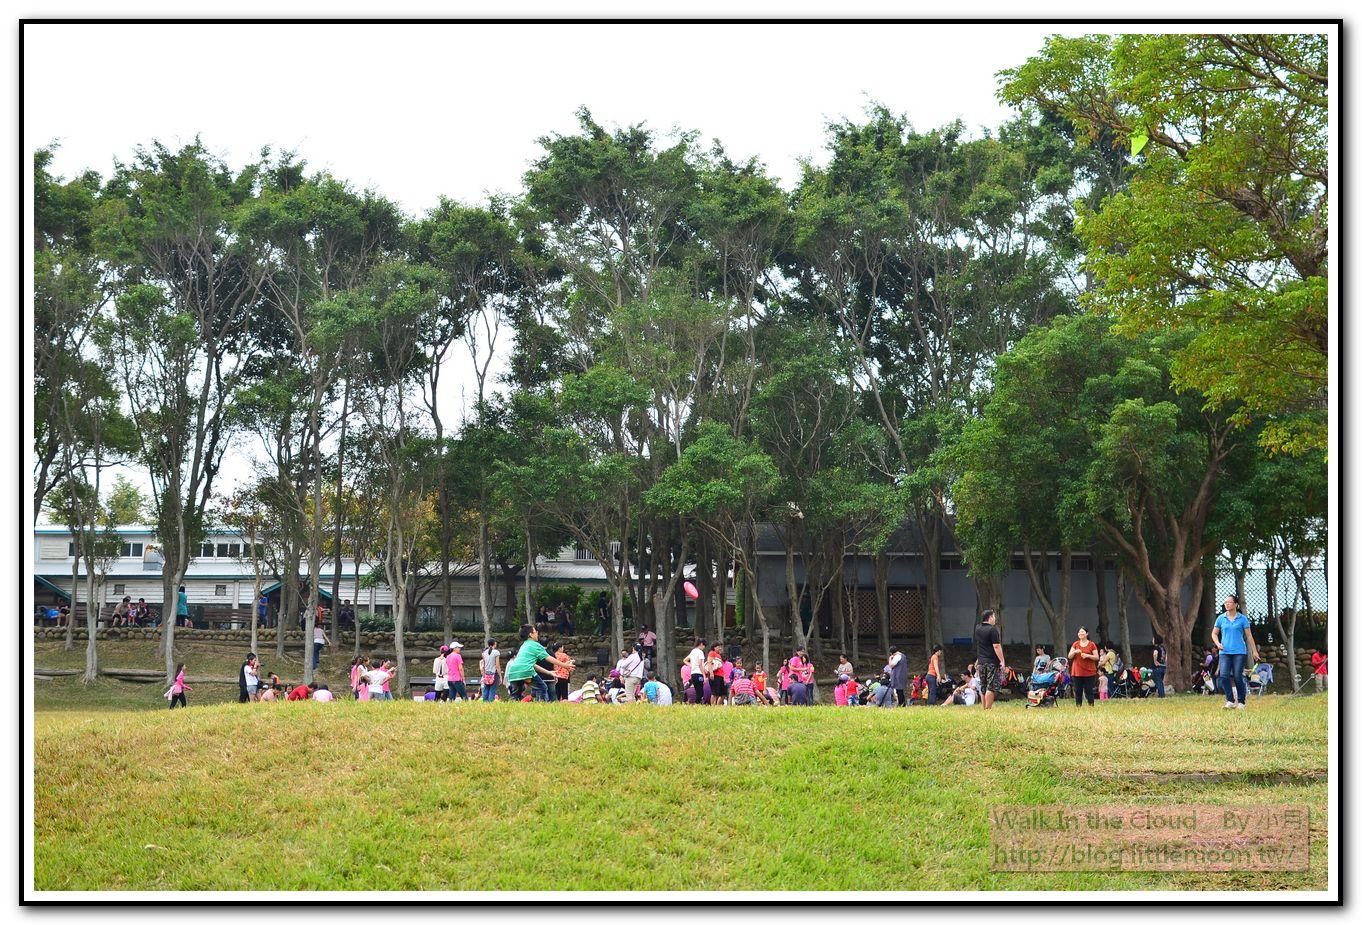 草原活動區 - 草地上一堆朋友們在活動